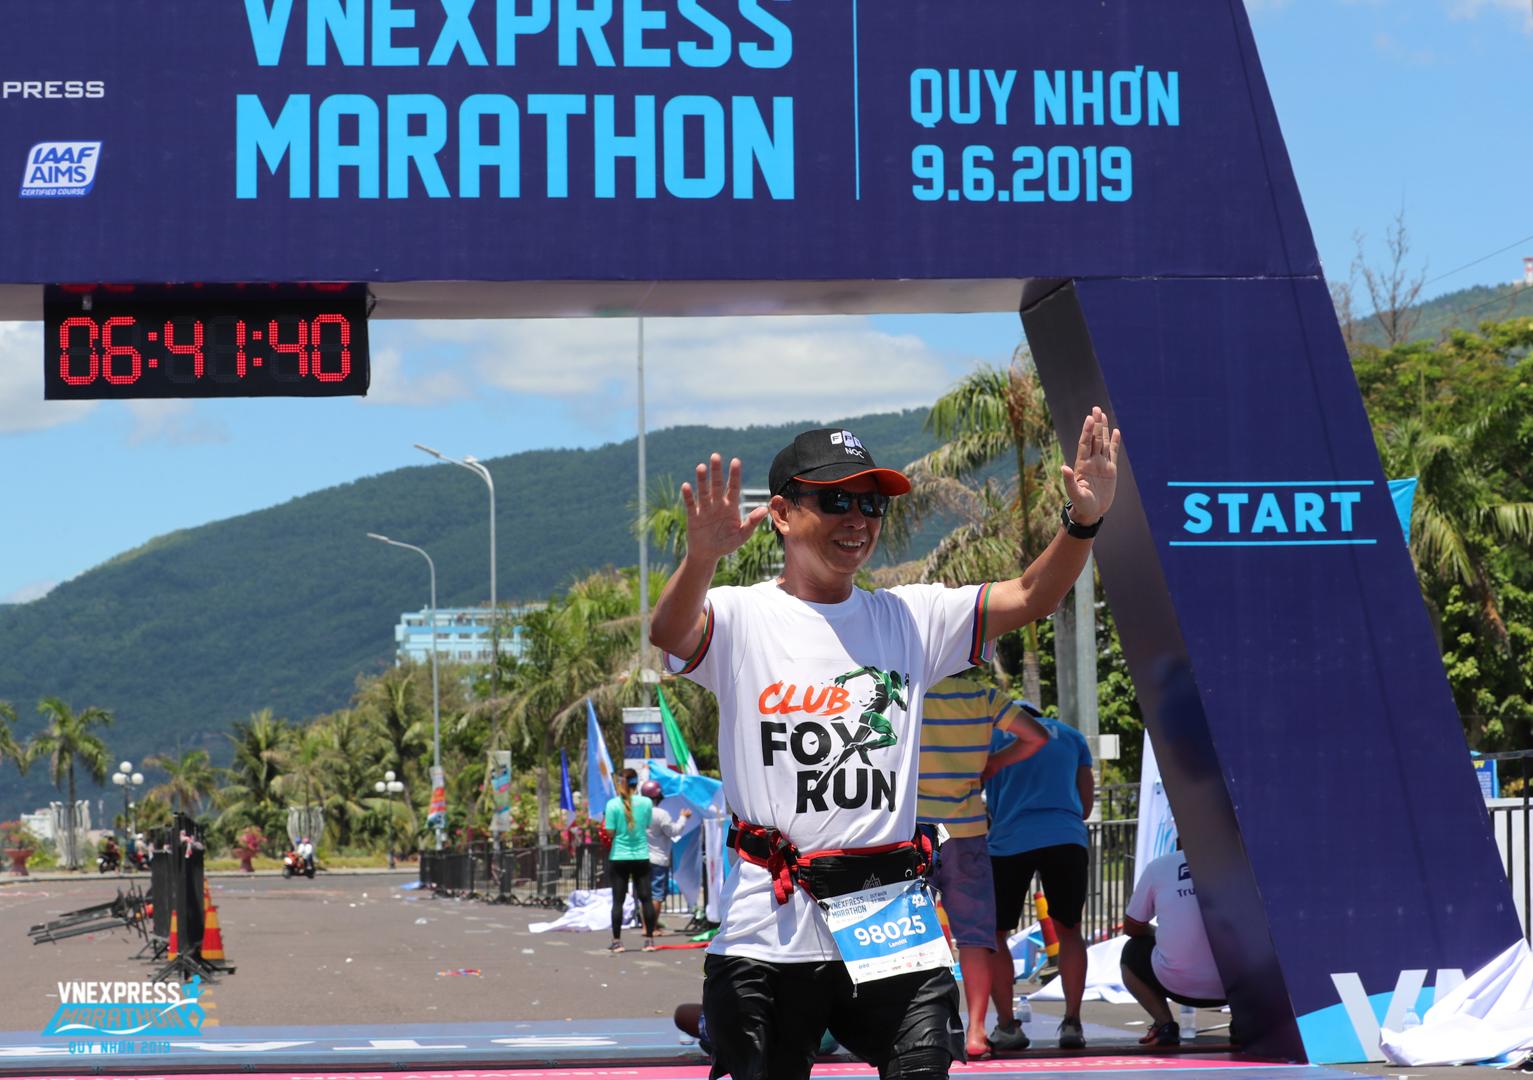 Anh Nguyễn Ngọc Lắm, thành viên của FoxRun, thuộc nhóm cuối cùng kịp về đích ở cự ly 42km. Bí quyết là anh Lắm là 'chậm mà chắc, miễn hoàn thành mục tiêu'.